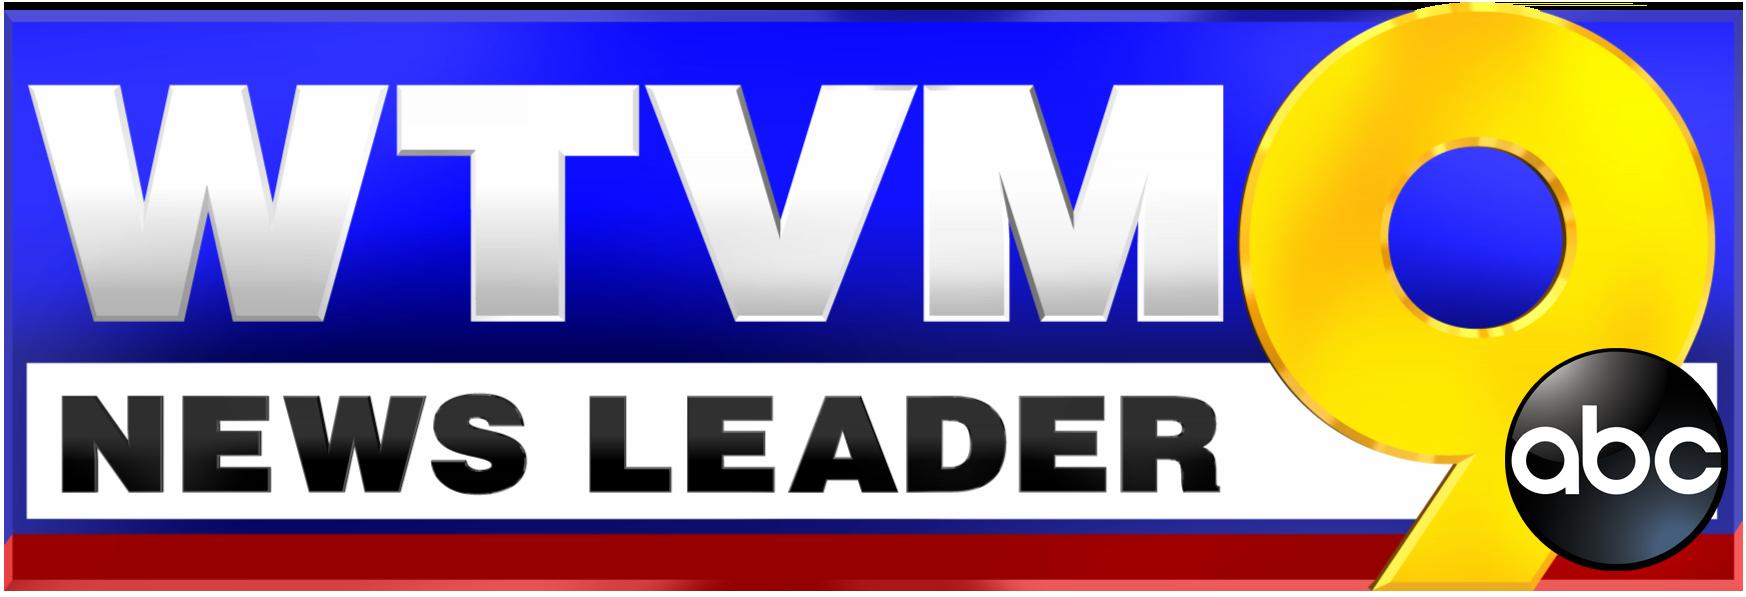 WTVM - Wikipedia